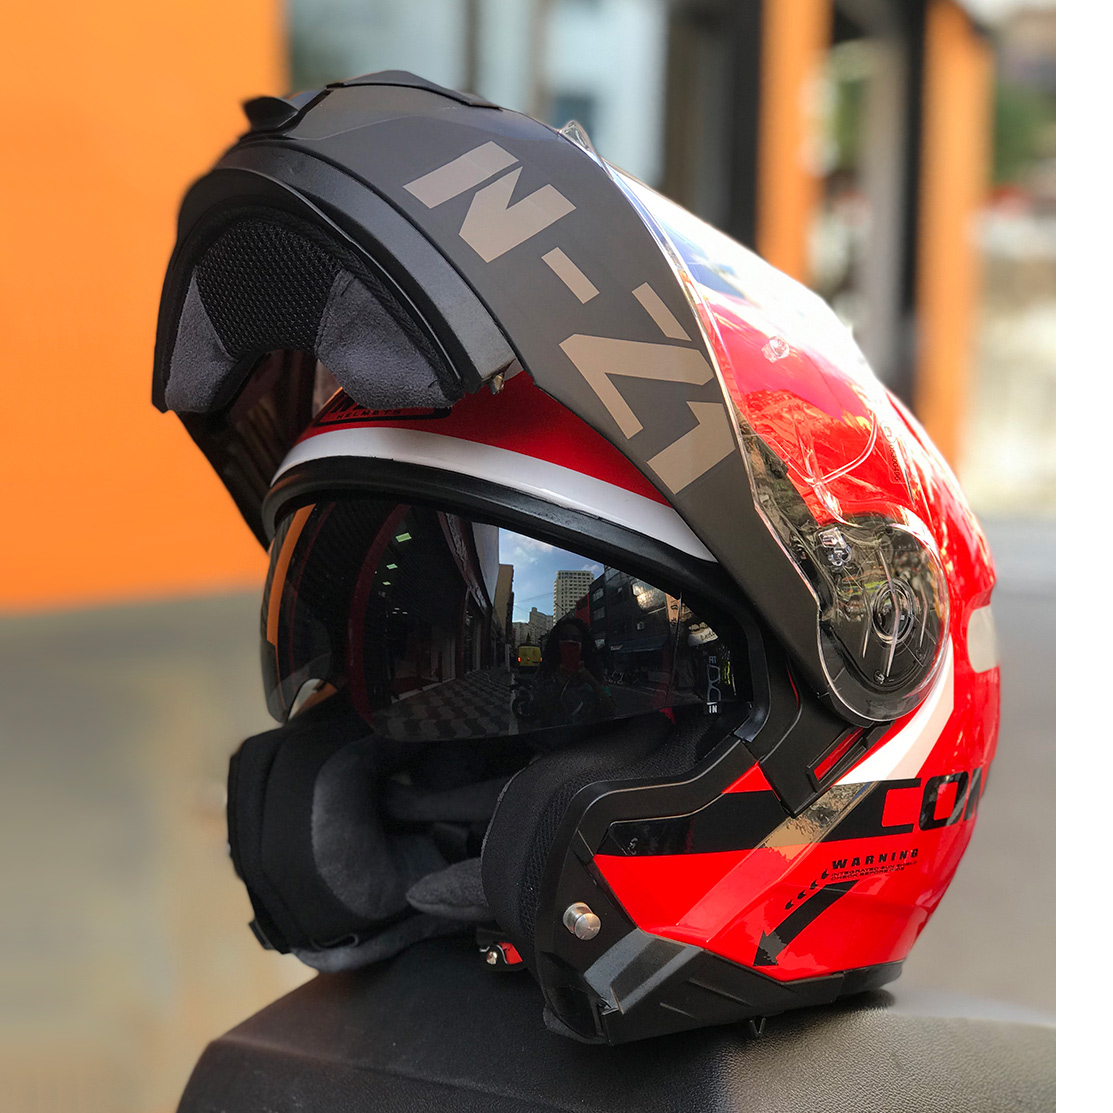 Capacete NZI Combi 2 Duo Flydeck Vermelho Escamoteável Com Viseira Solar -  (Force)  - Nova Suzuki Motos e Acessórios